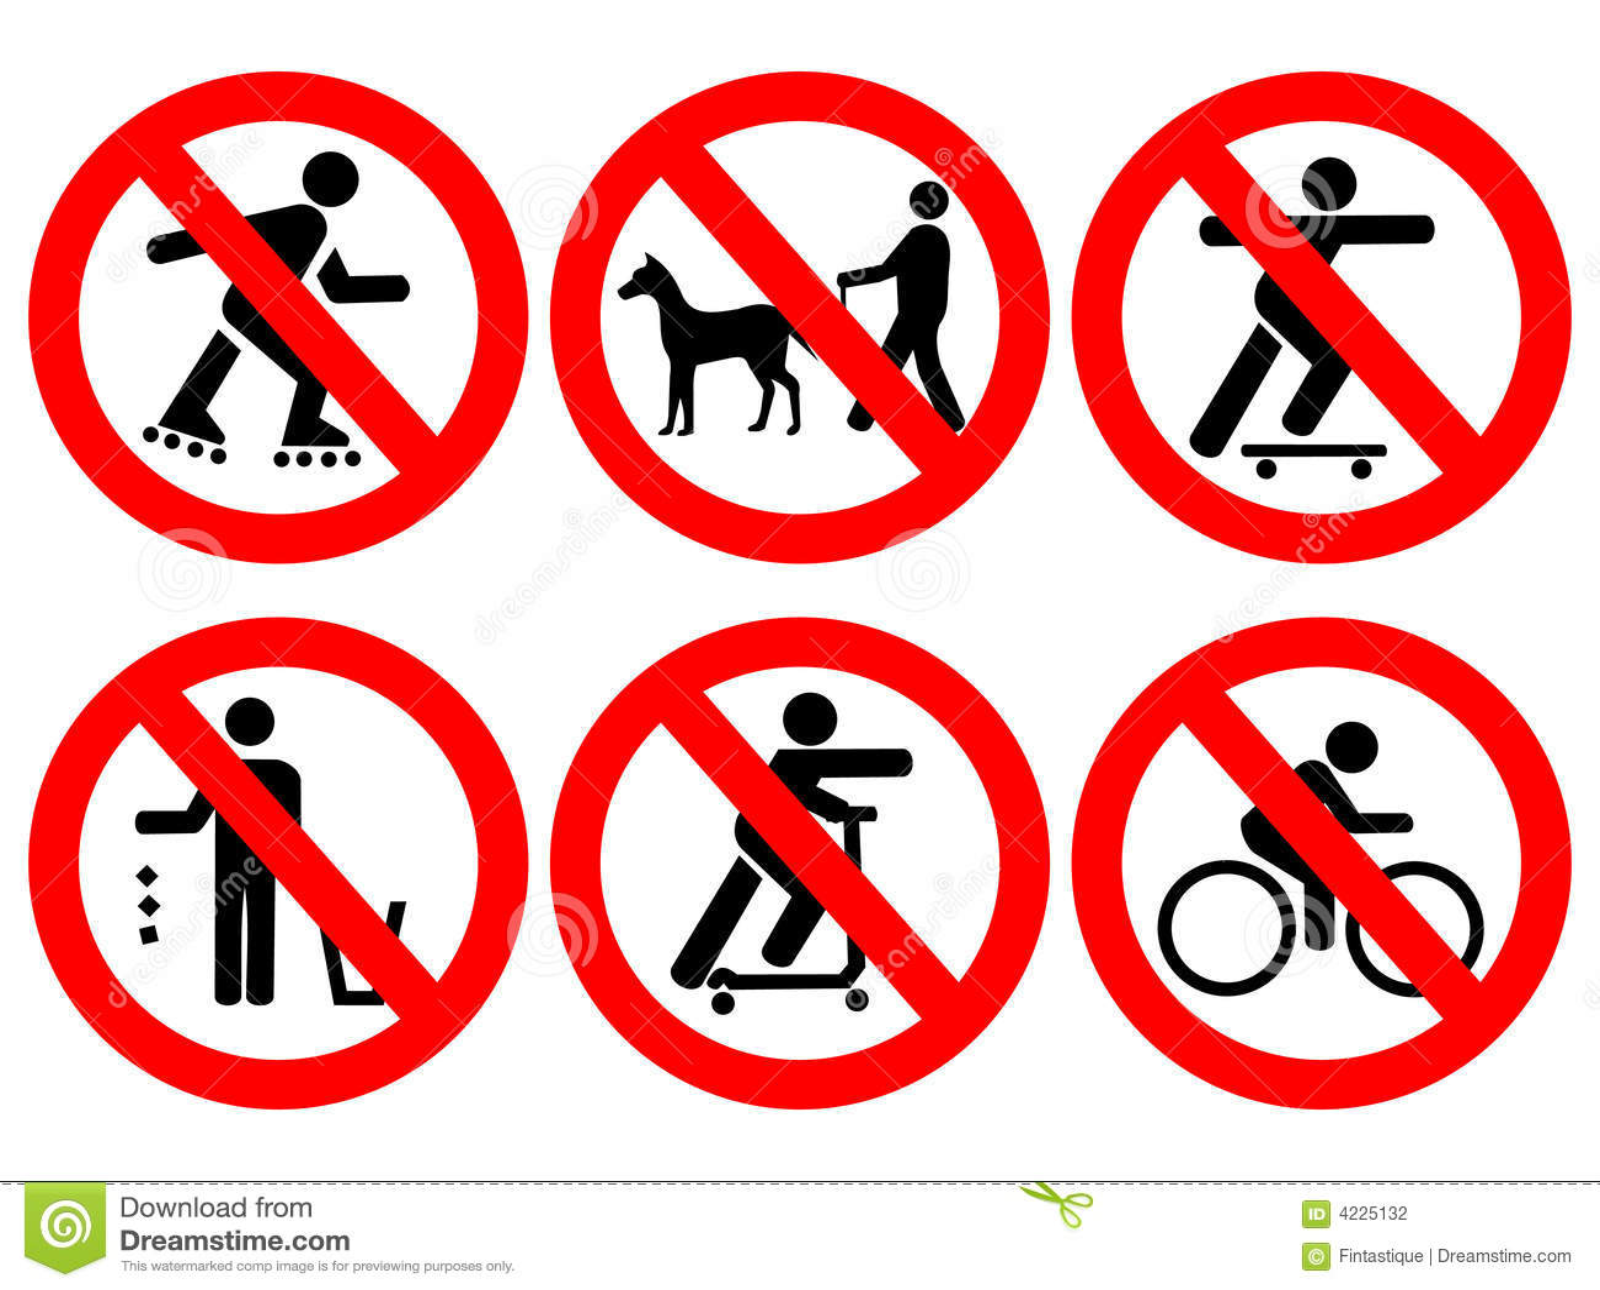 Park zasad znaków